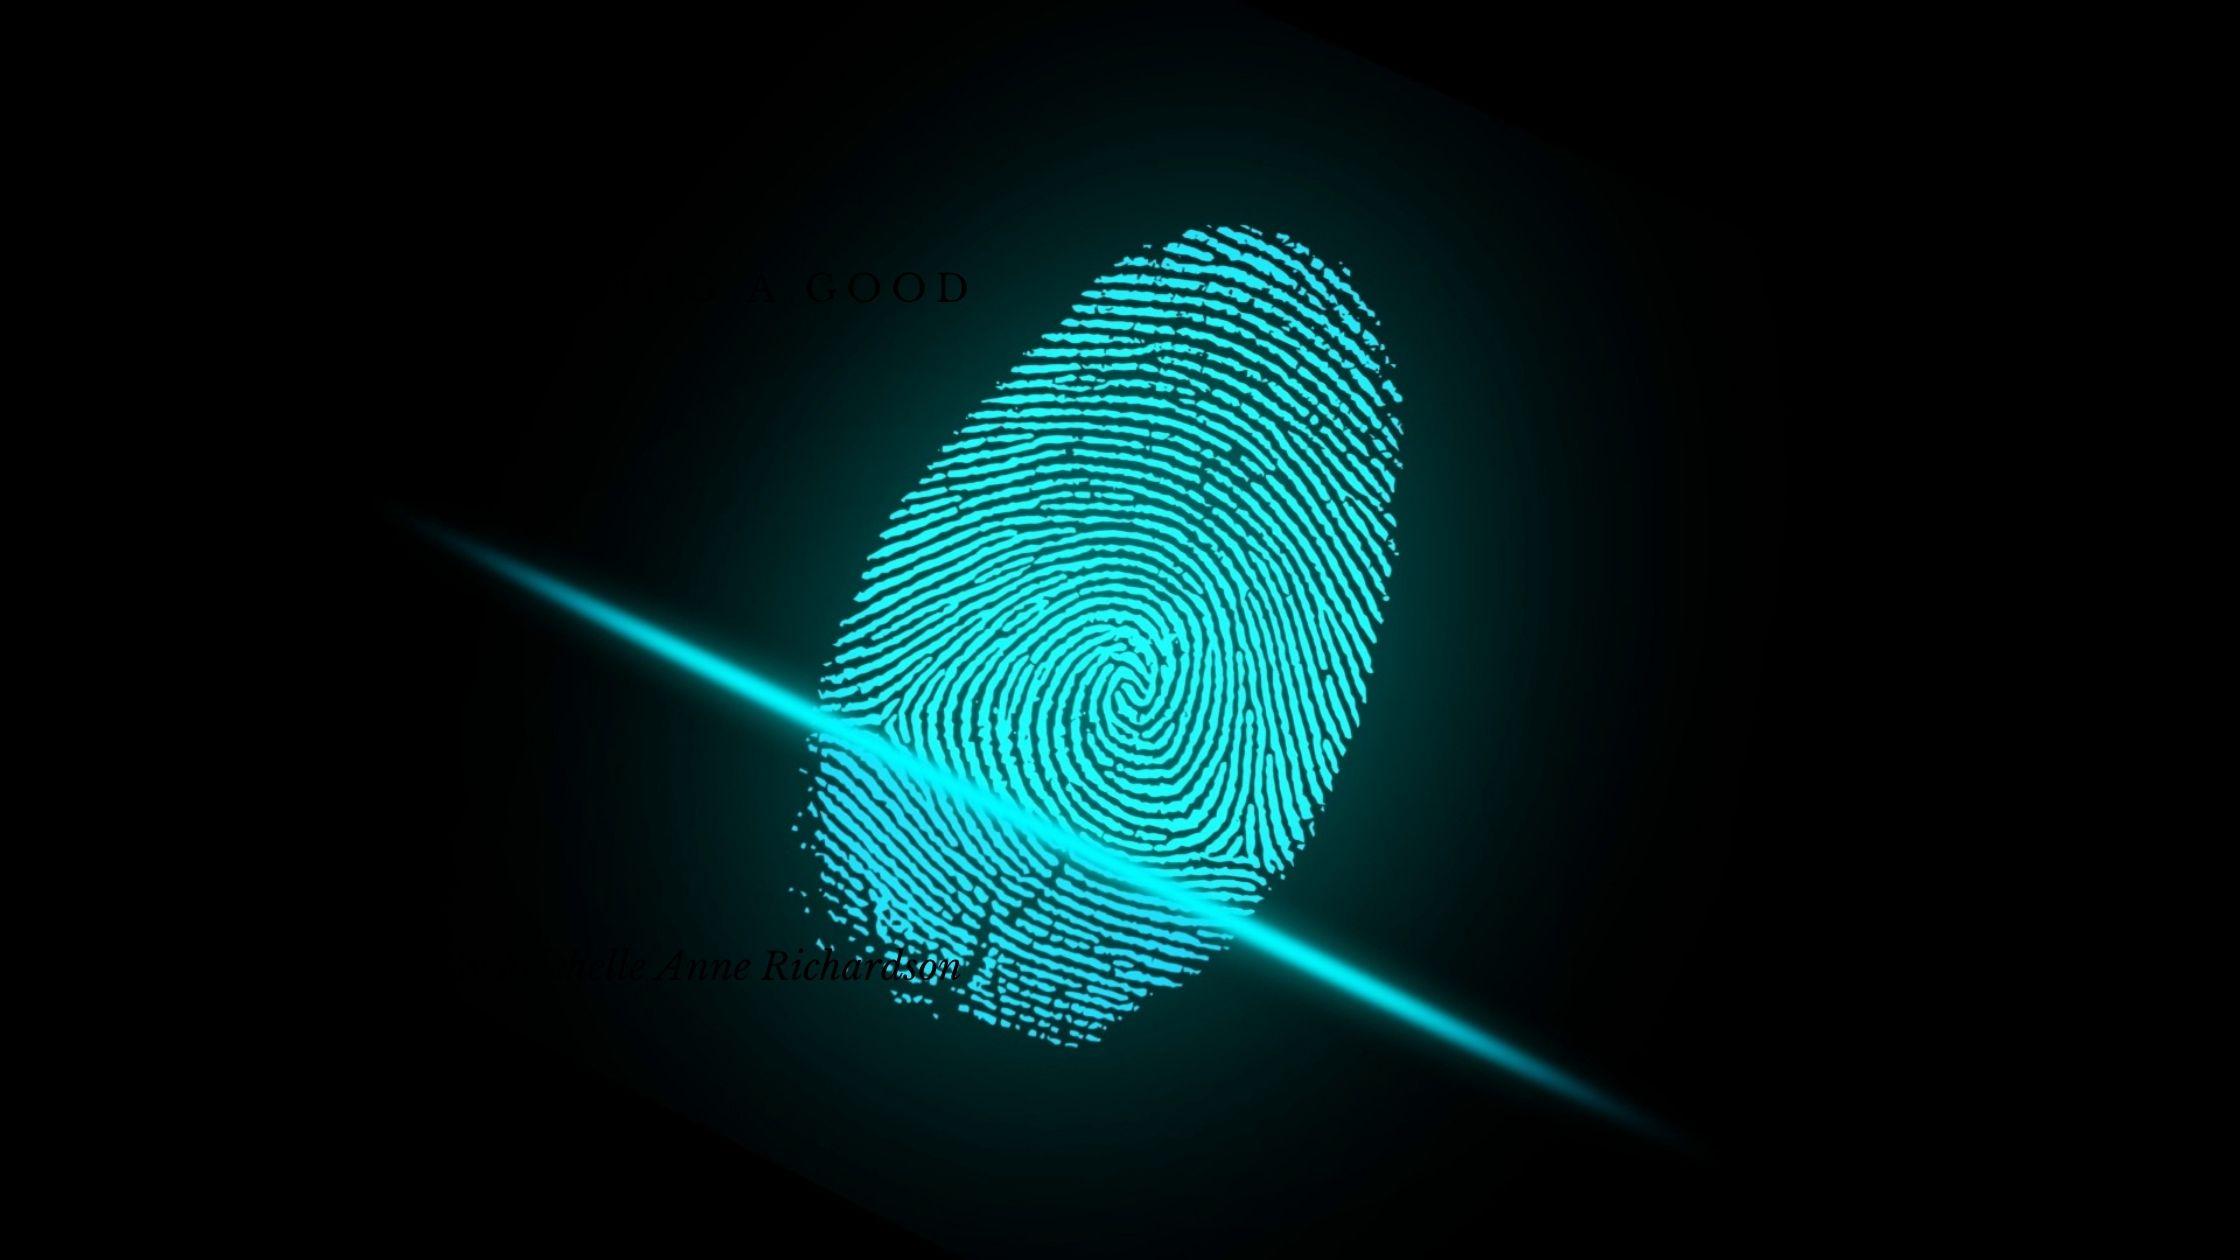 Verificación de identidad: una tendencia en los negocios digitales